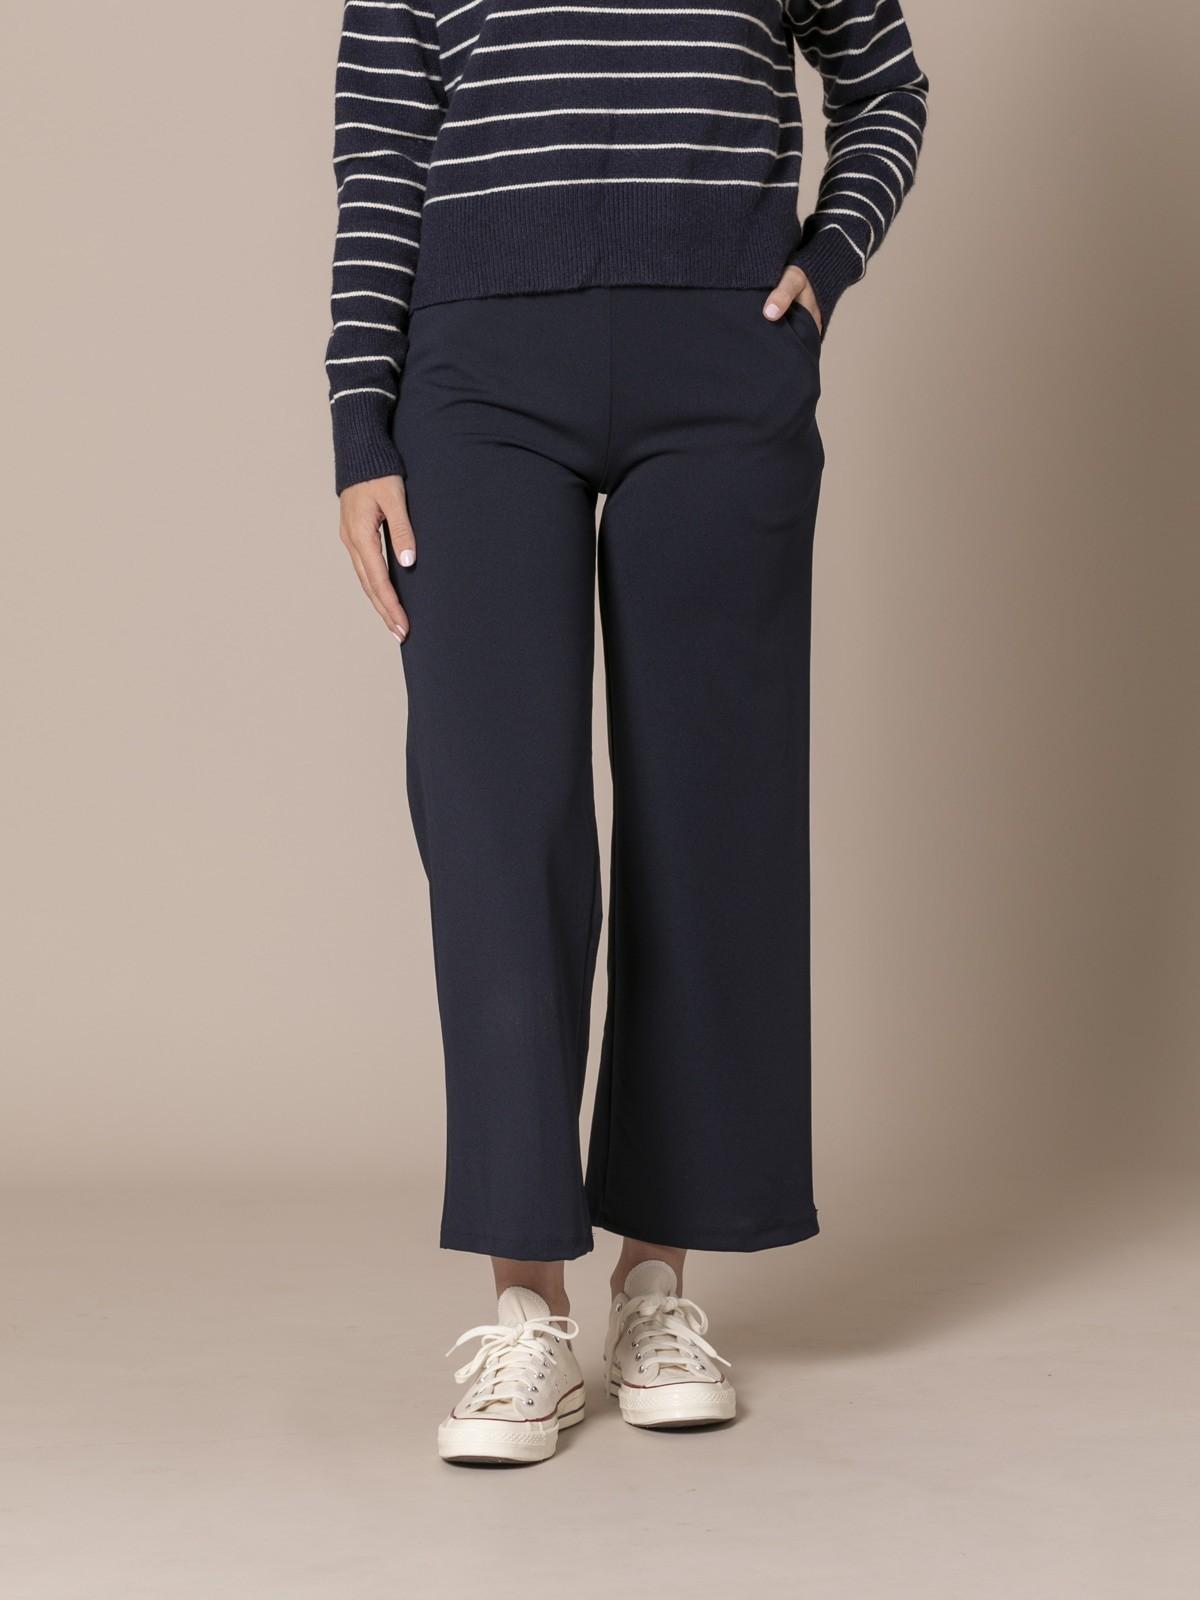 Pantalón mujer de caida con bolsillos Azul Marino